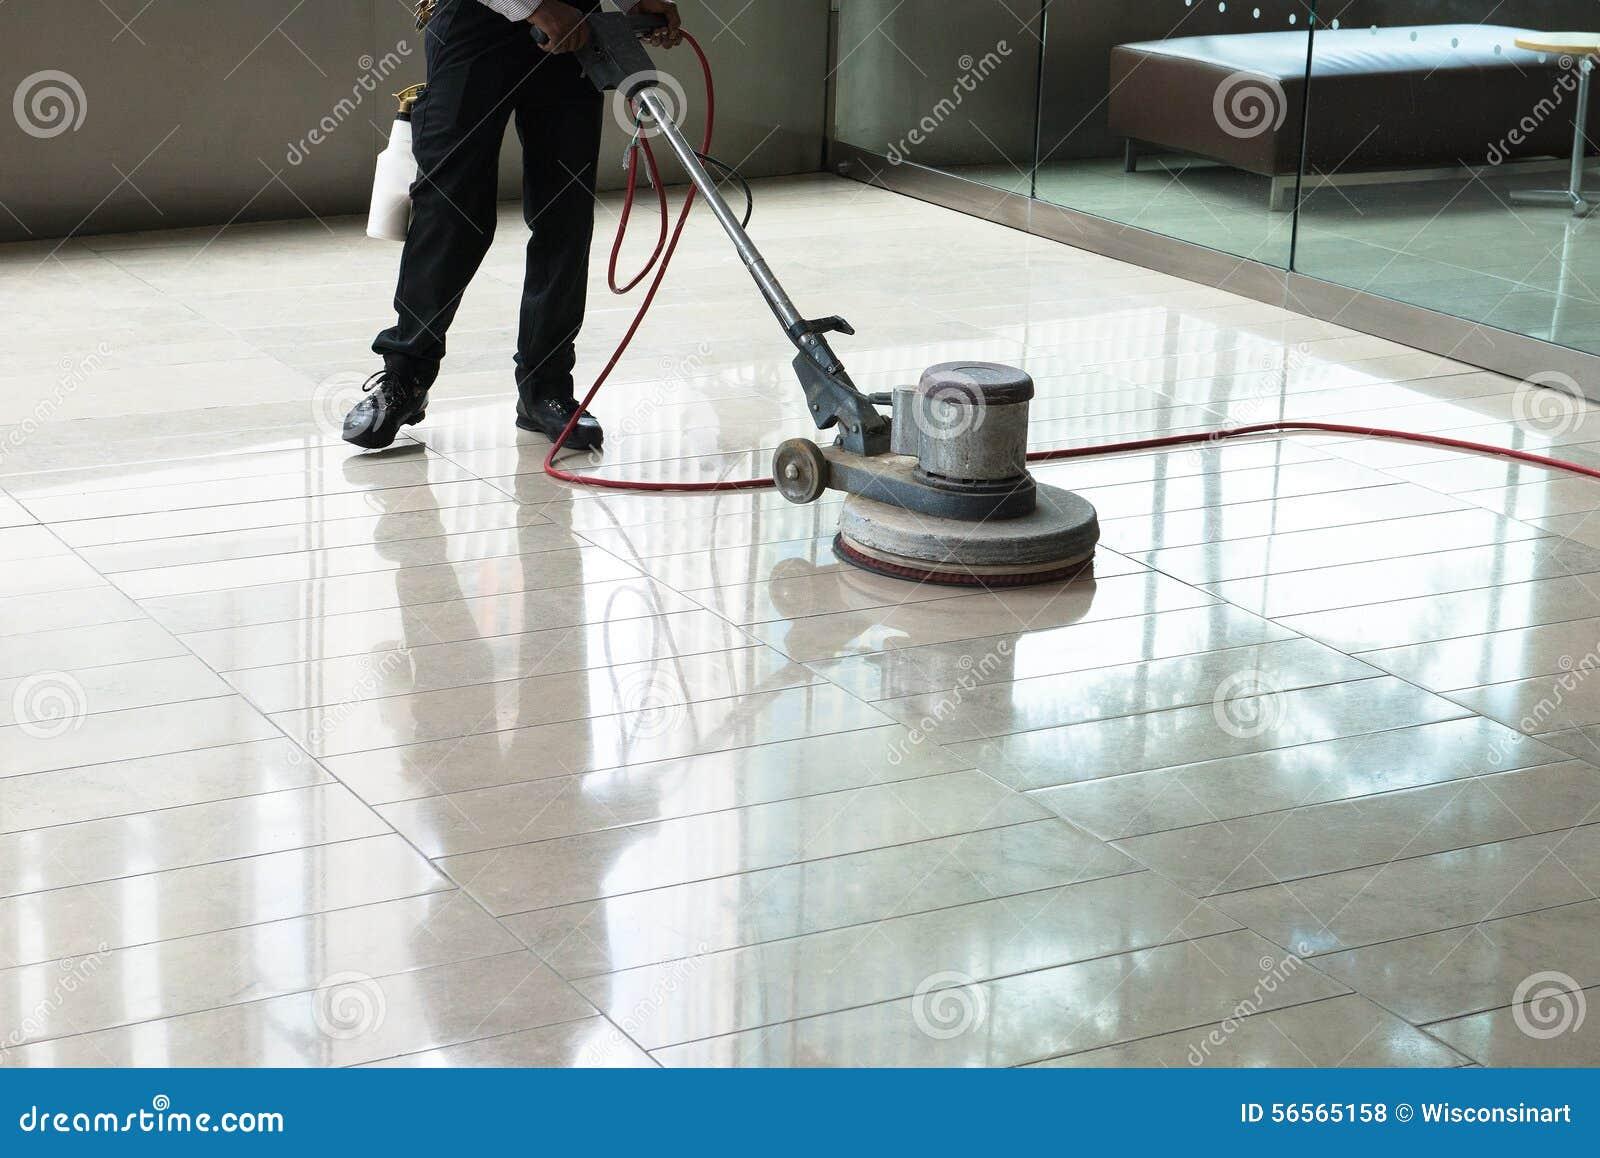 Συντήρηση οικοδόμησης, καθαρισμός, στίλβωση πατωμάτων